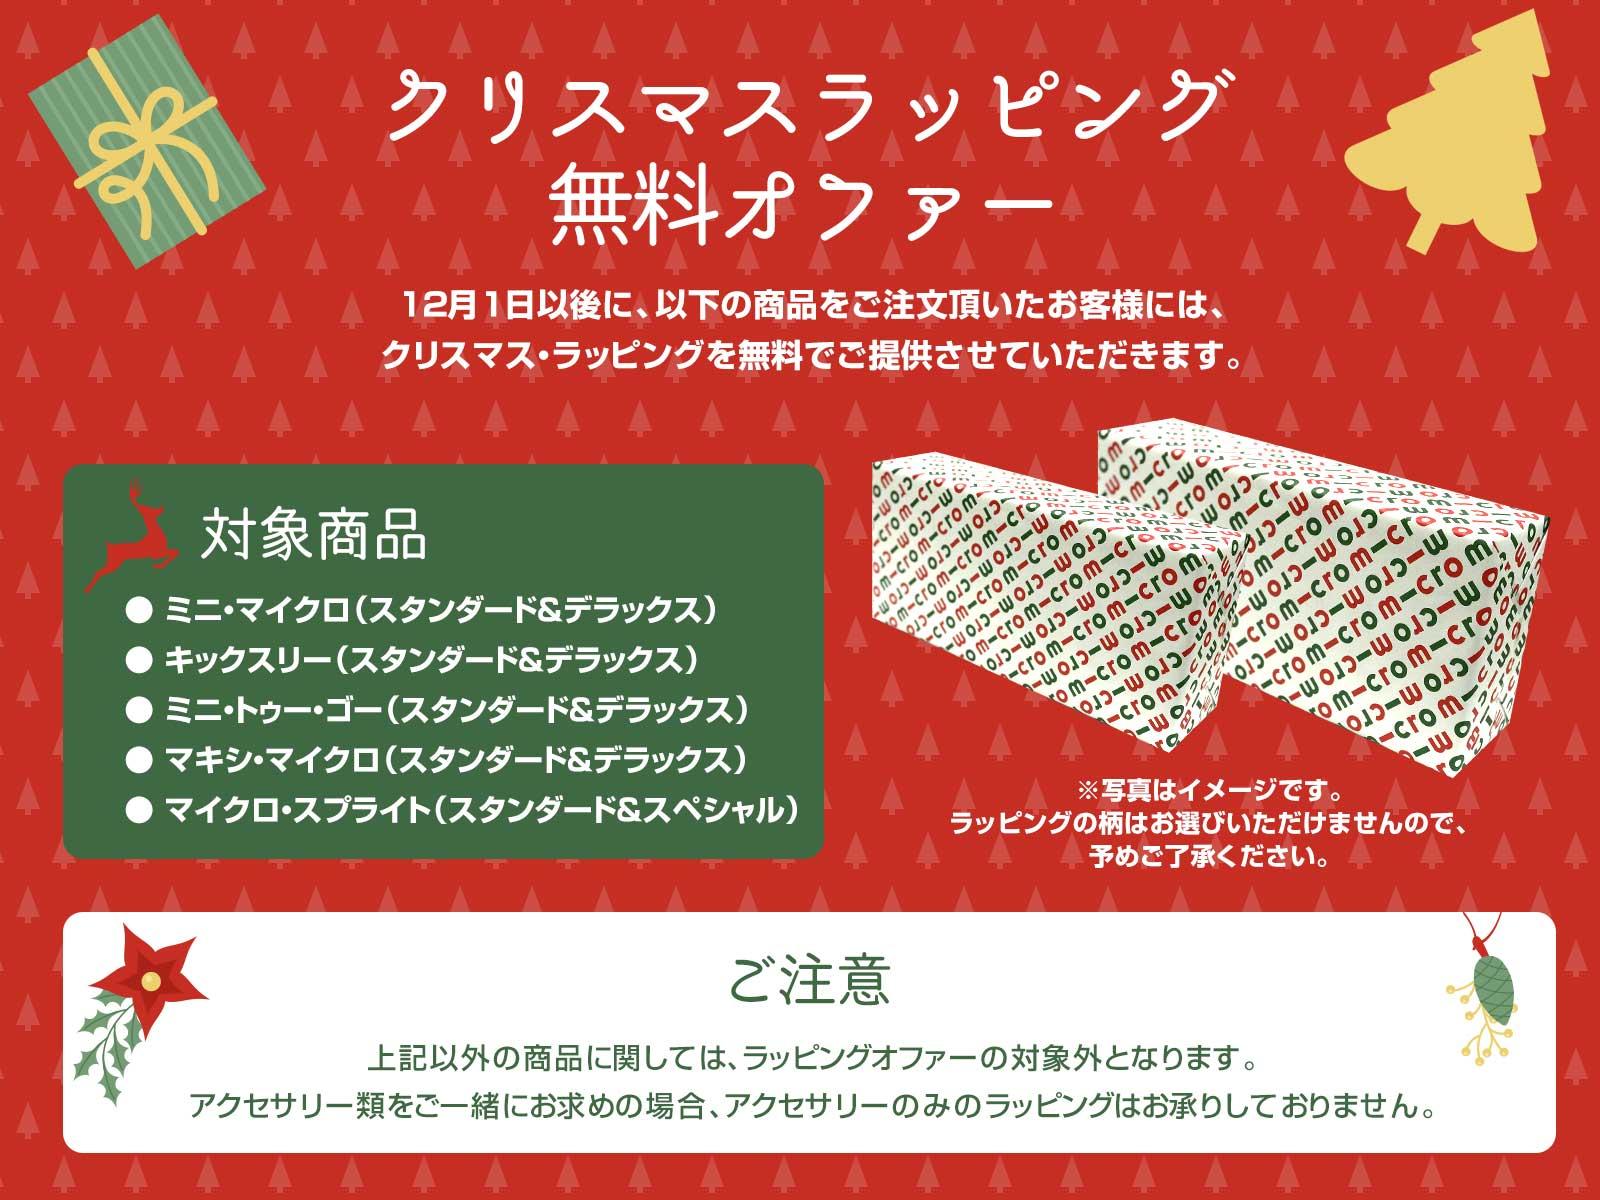 クリスマスラッピング対象商品